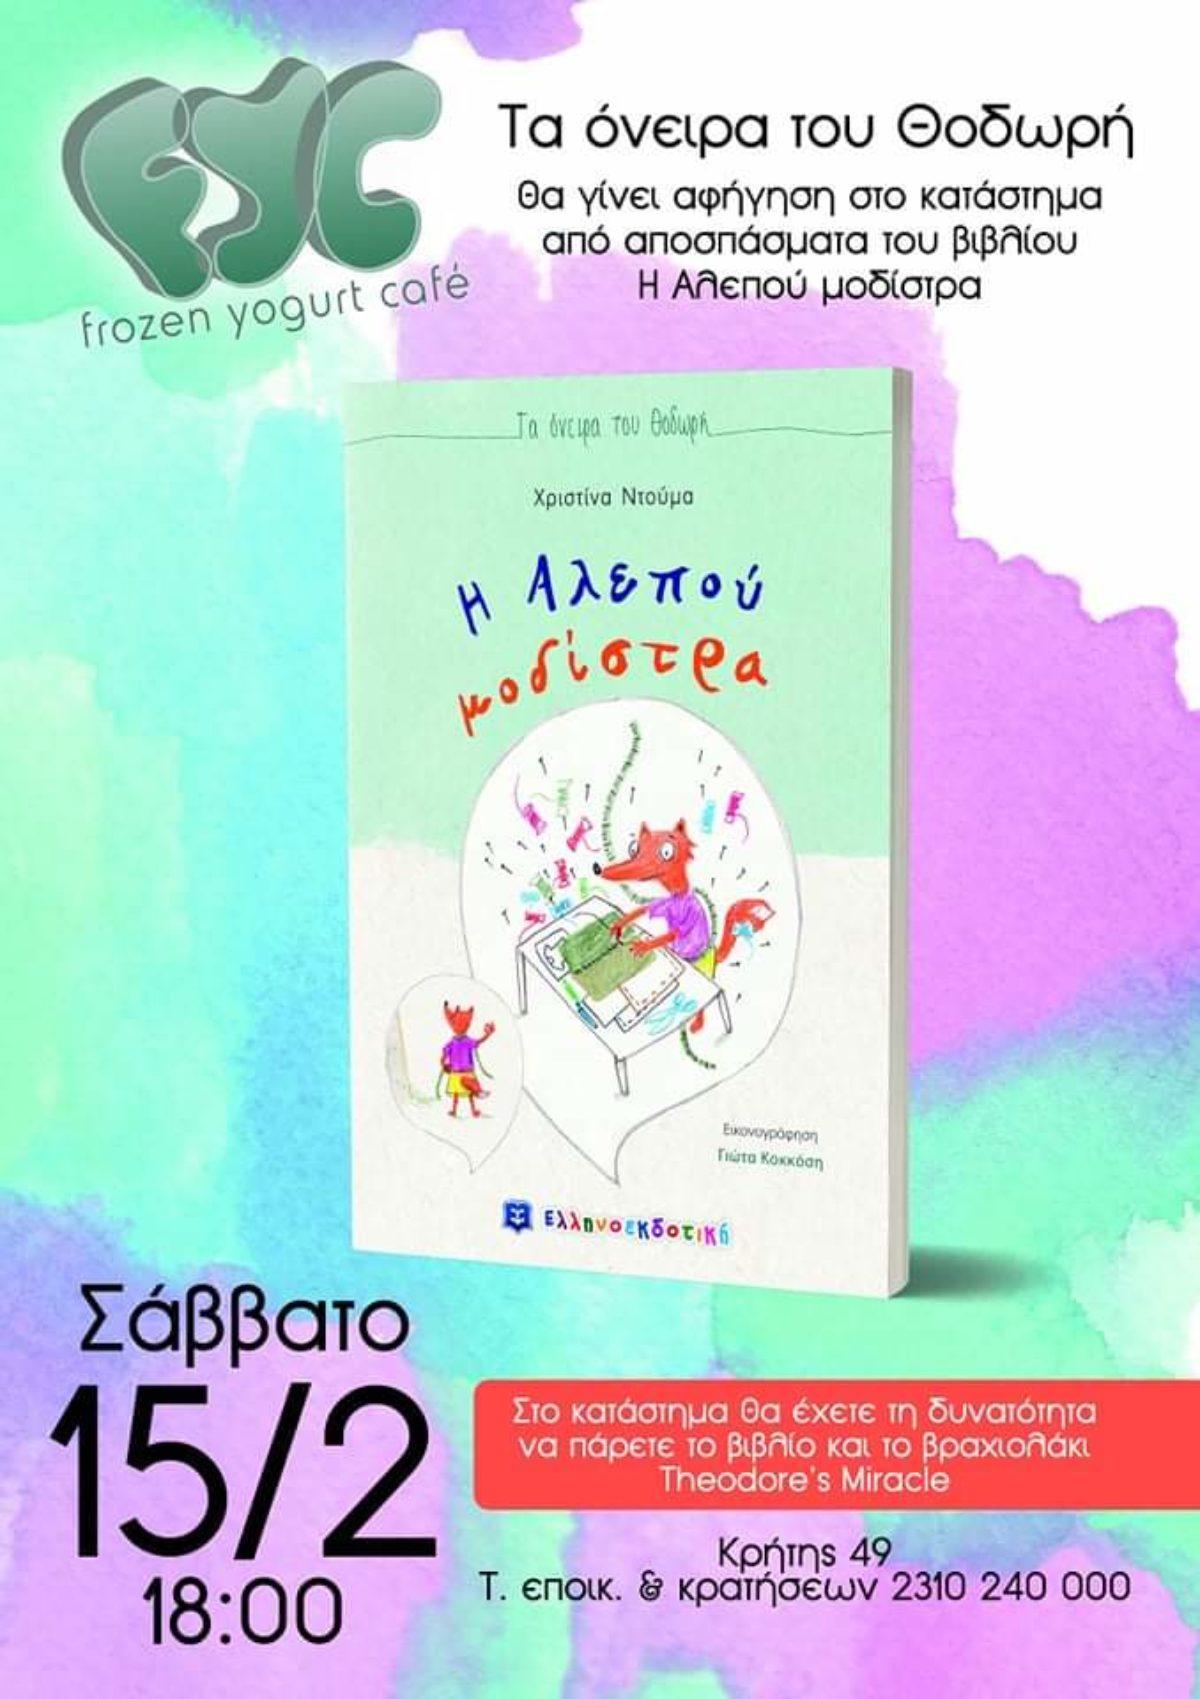 Μια εκδήλωση αγάπης, ένα ιδιαίτερο βιβλίο και ένα σπάνιο παιδί, ο Θοδωρής Ντούμας